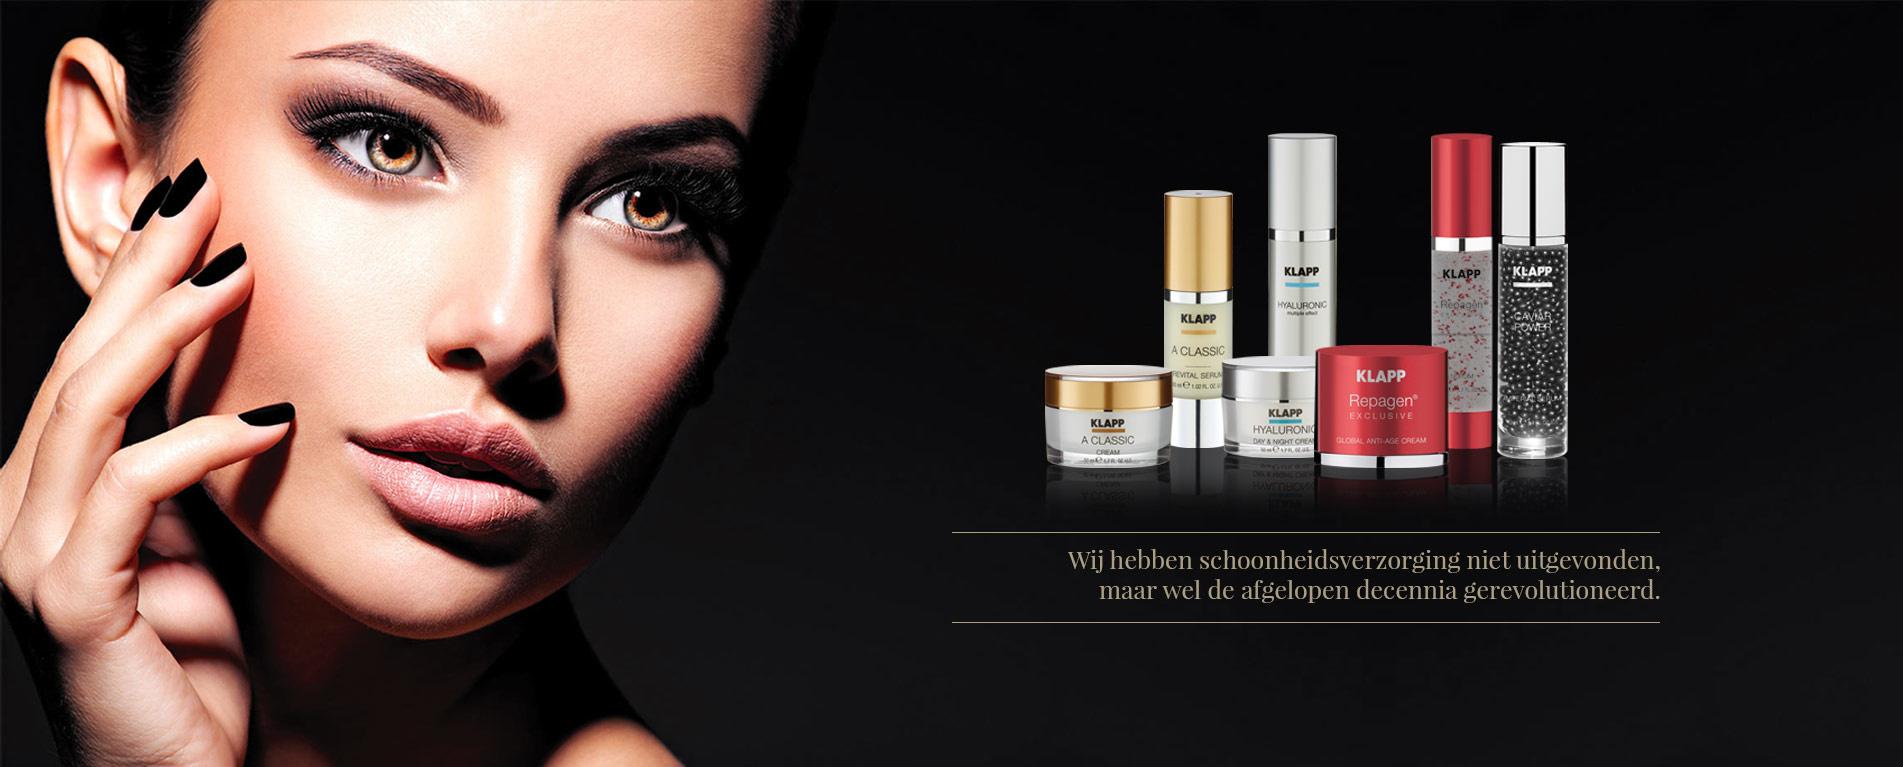 KLAPP skin care anti-aging face cream